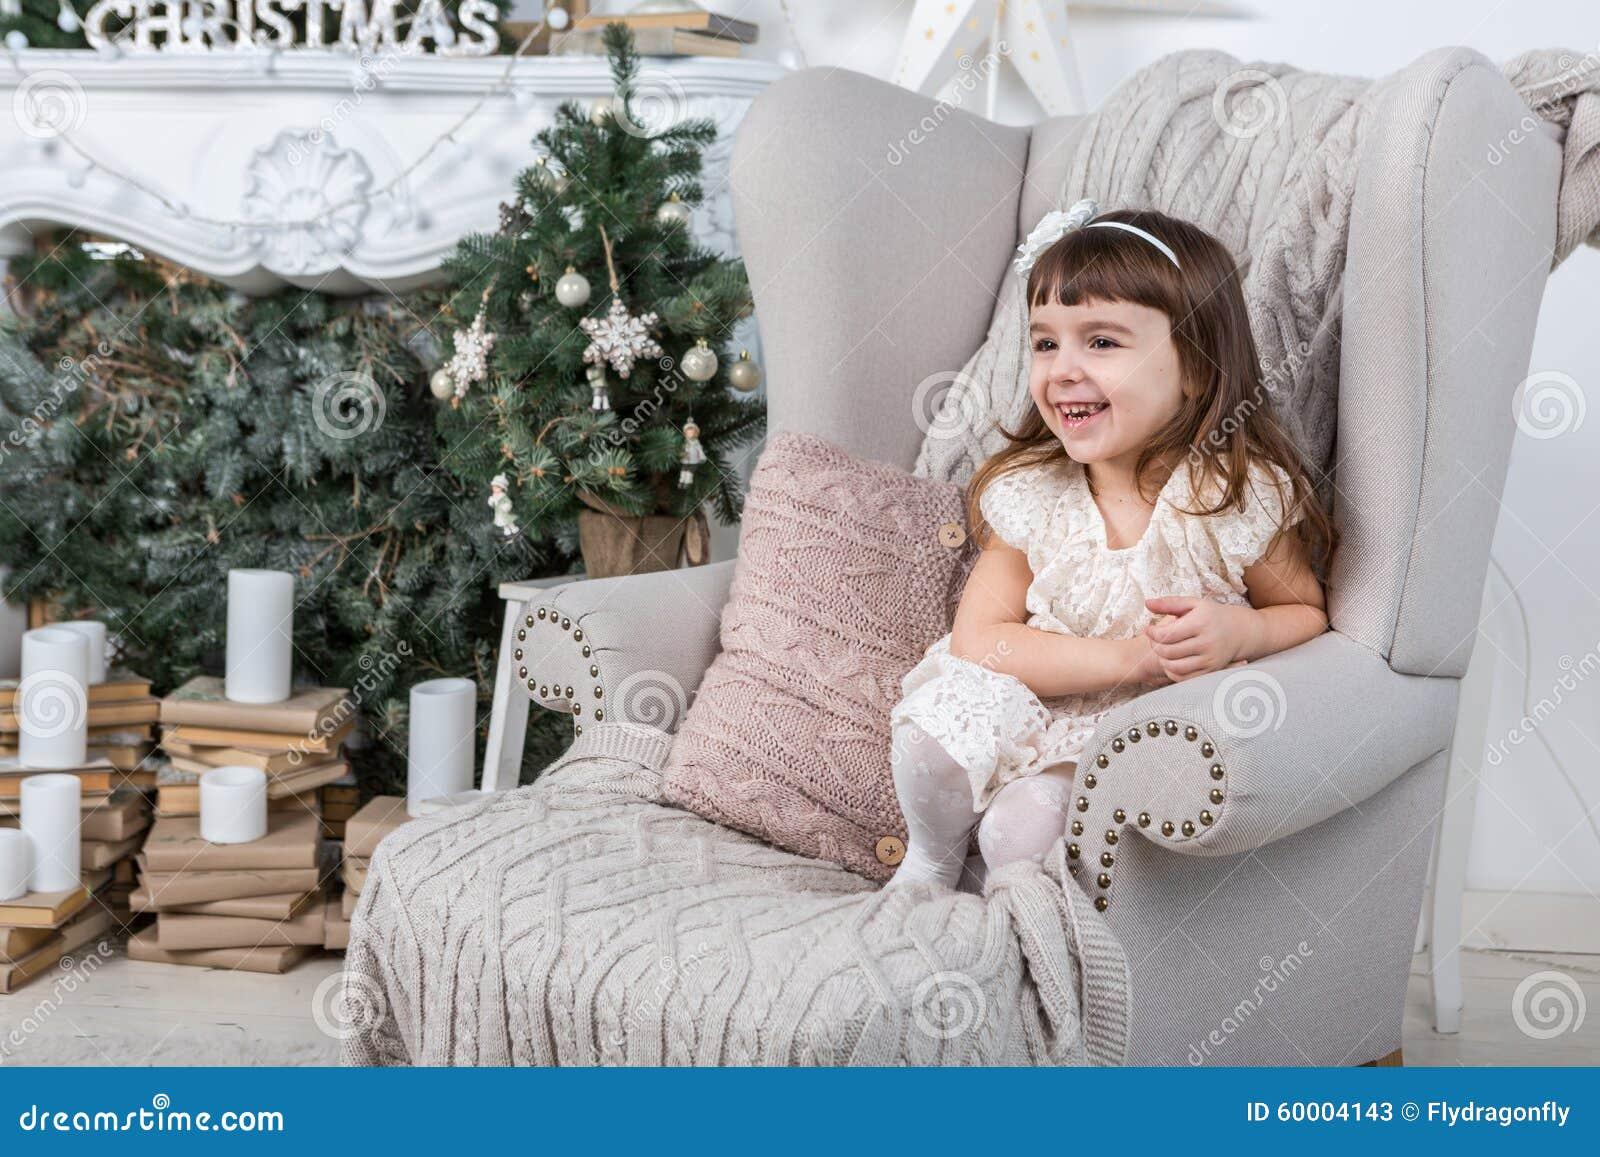 Wesoło boże narodzenia! Śliczna szczęśliwa mała dziewczynka